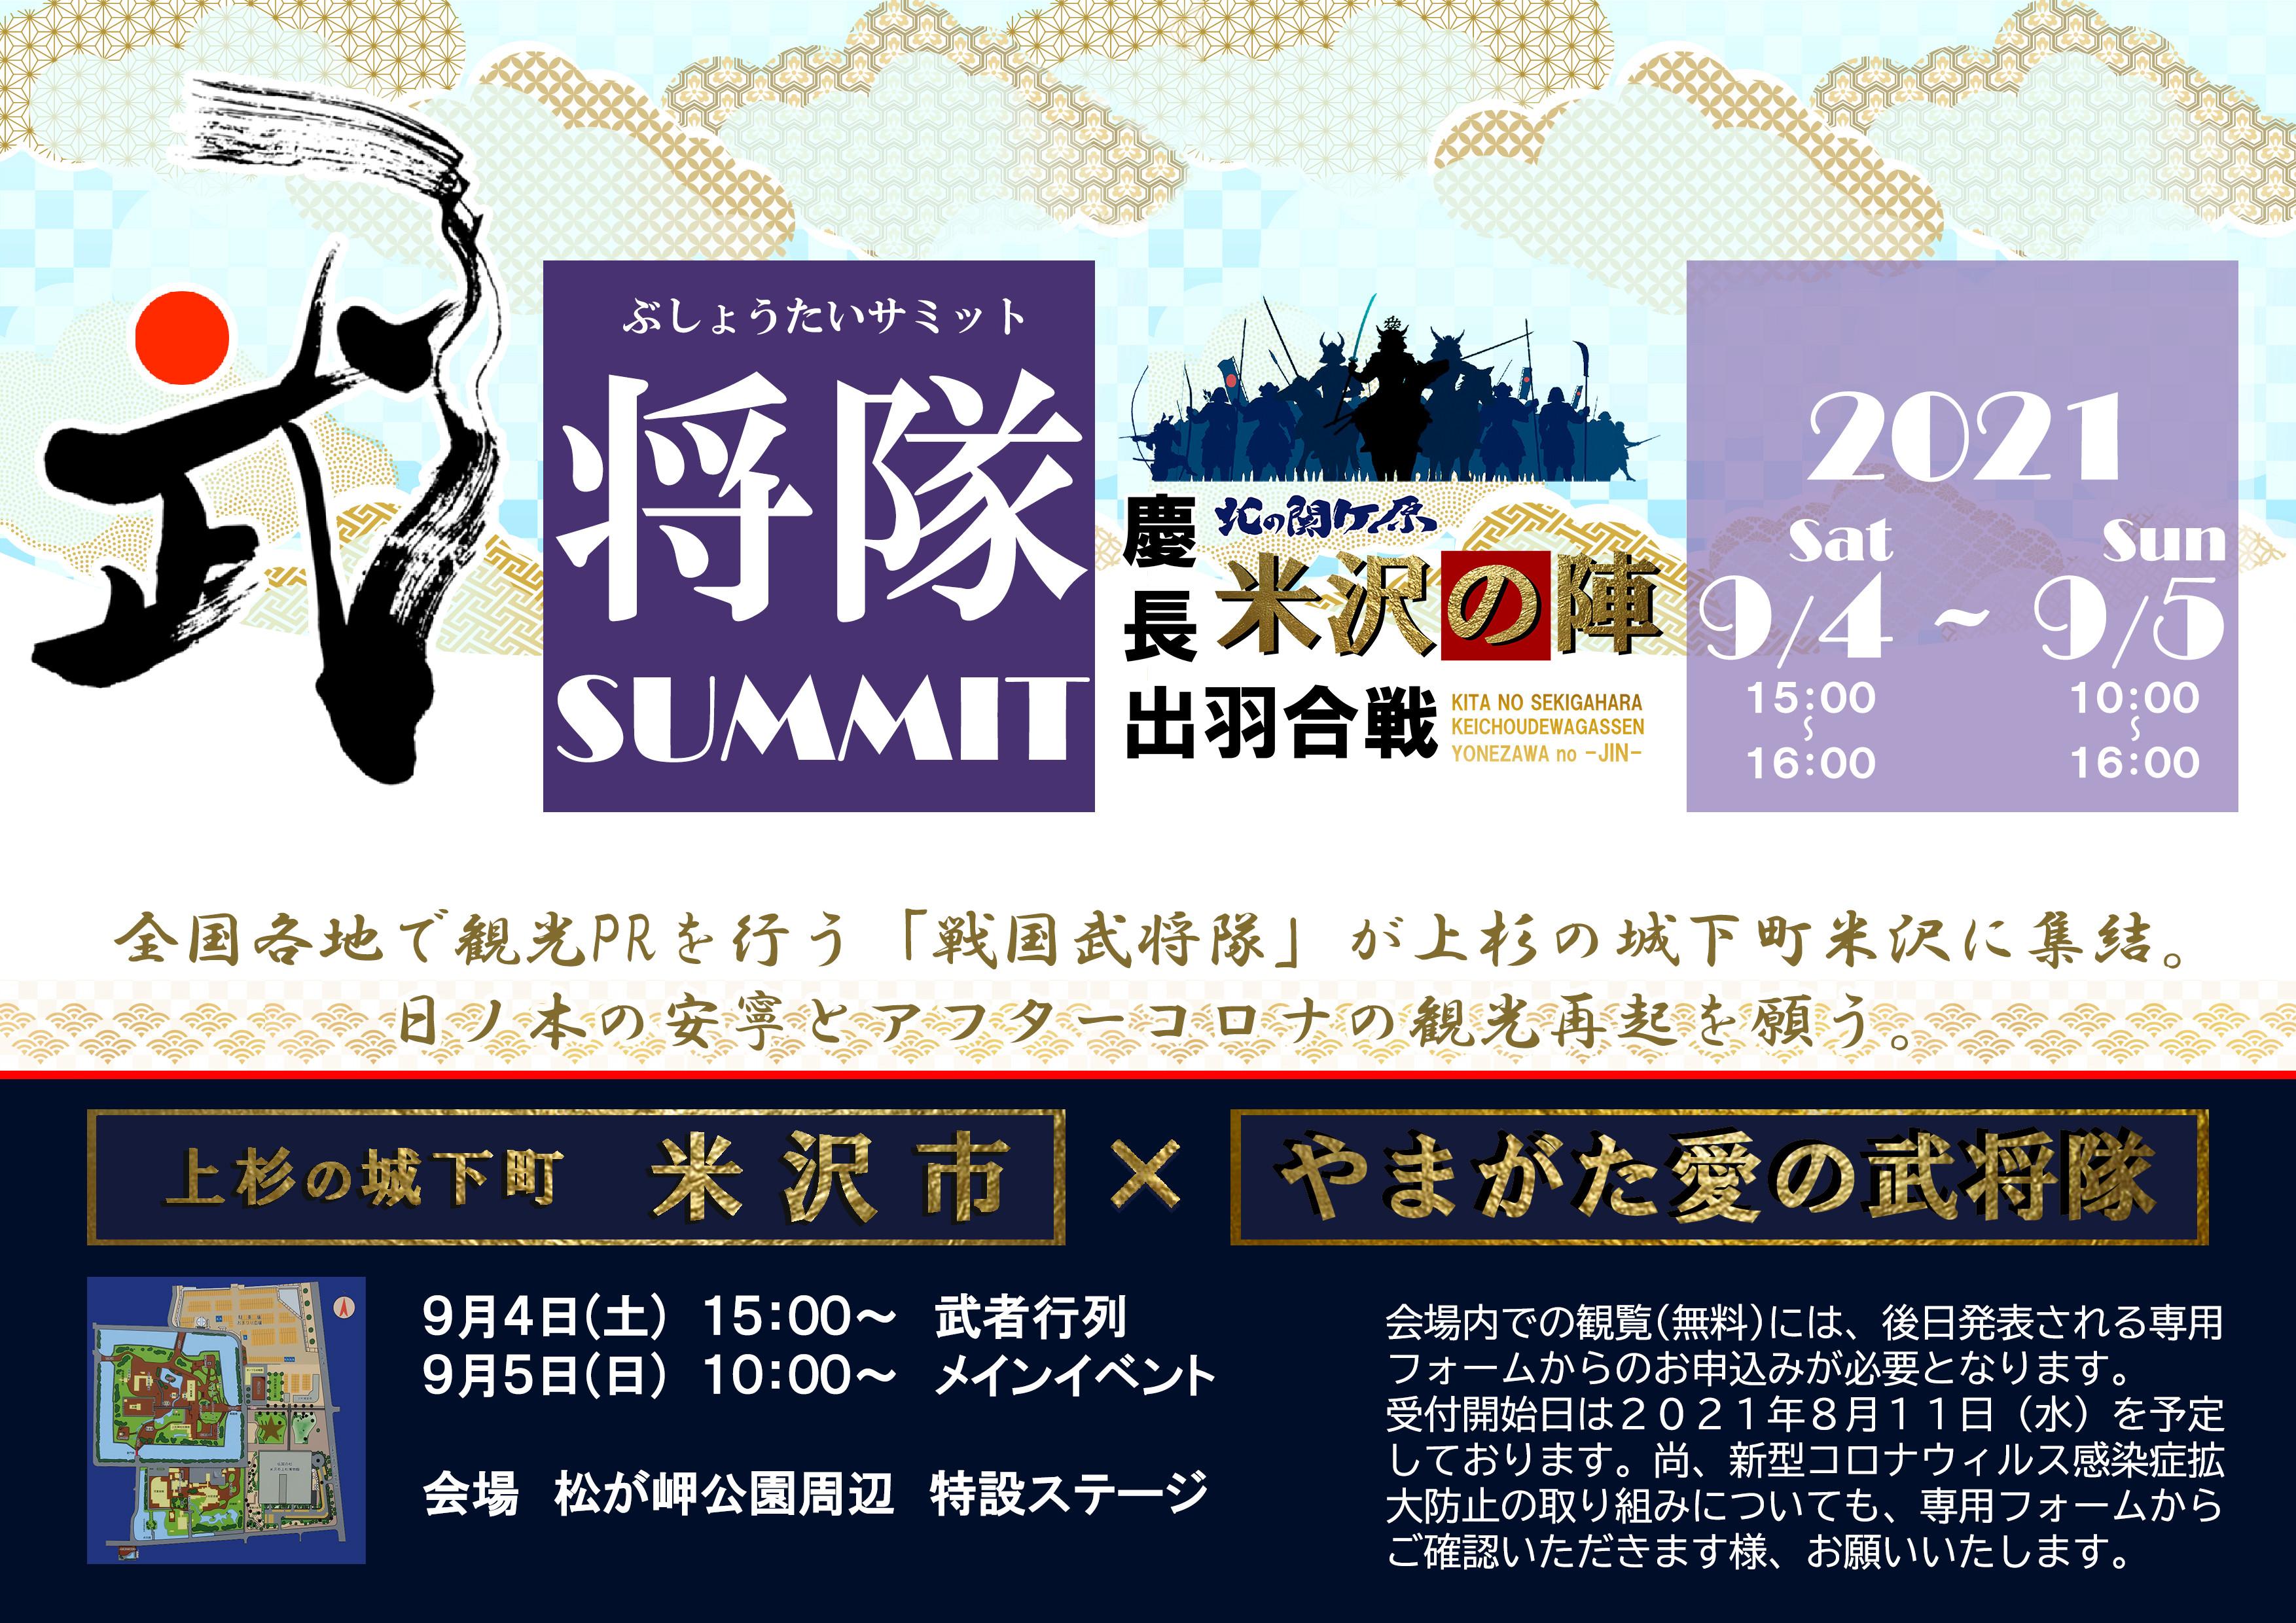 武将隊サミット米沢の陣3.jpg